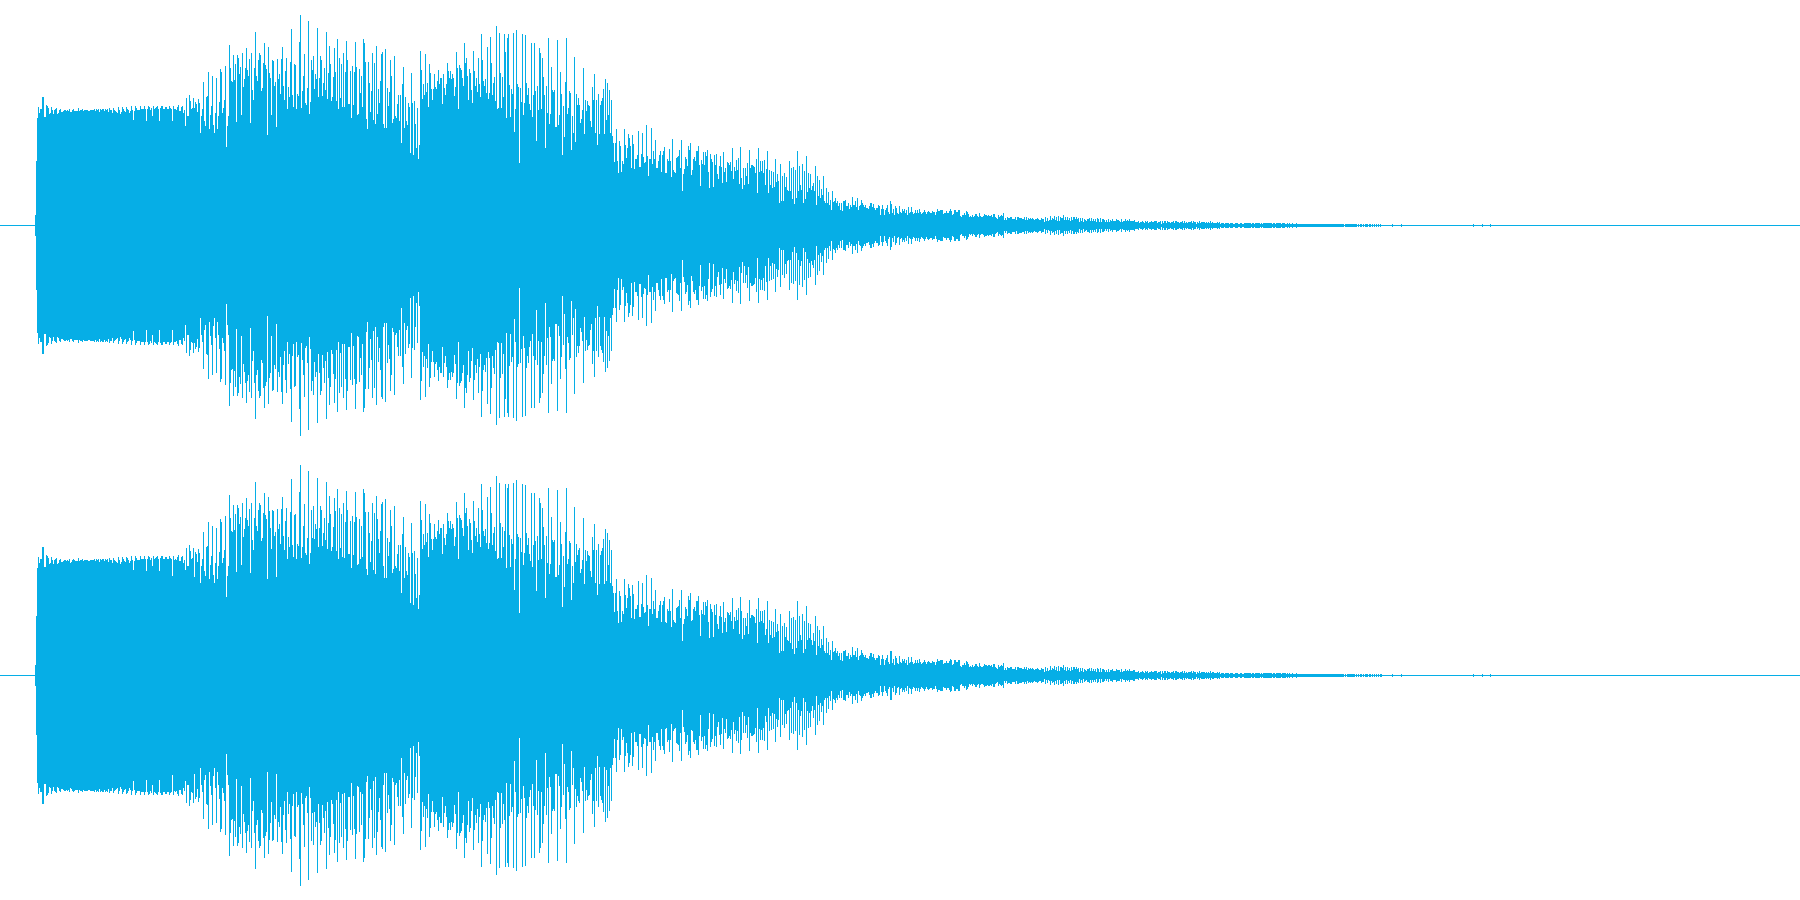 セレクト 決定 選択 クリック 低音版の再生済みの波形